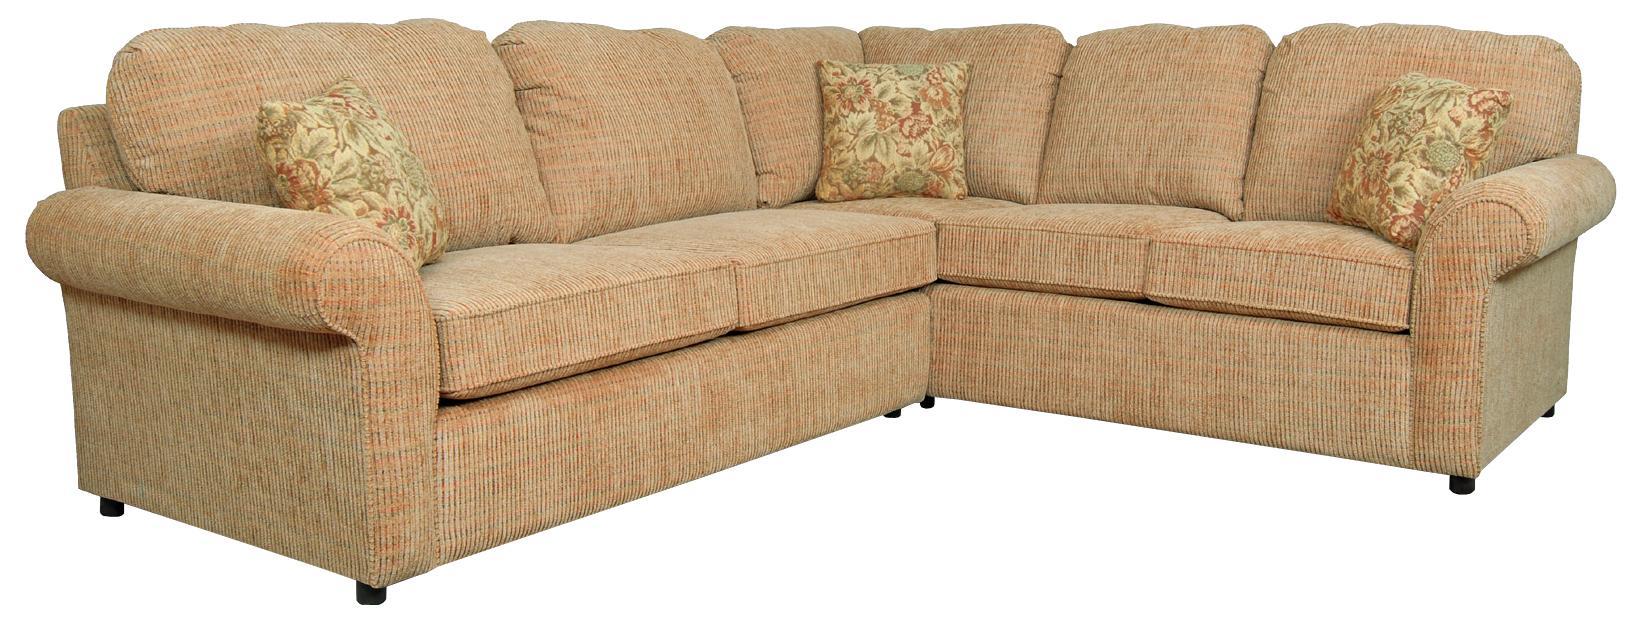 England Malibu 4 5 Seat Corner Sectional With Sleeper